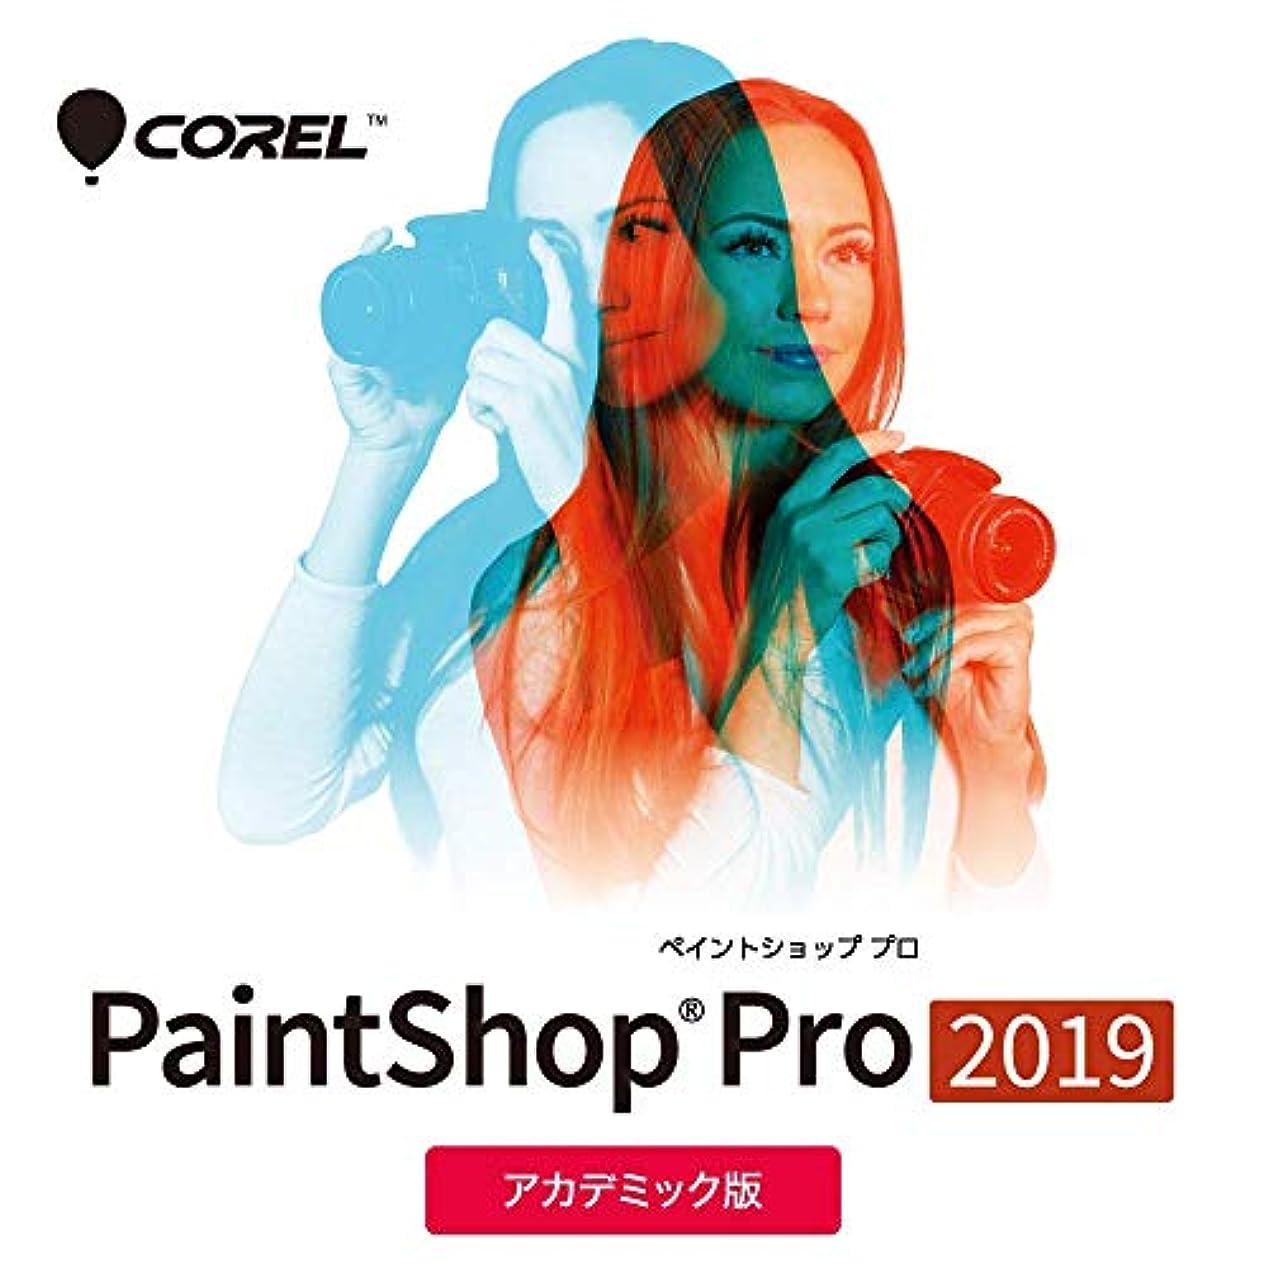 容疑者無駄限りCorel PaintShop Pro 2019 アカデミック版 ダウンロード|ダウンロード版